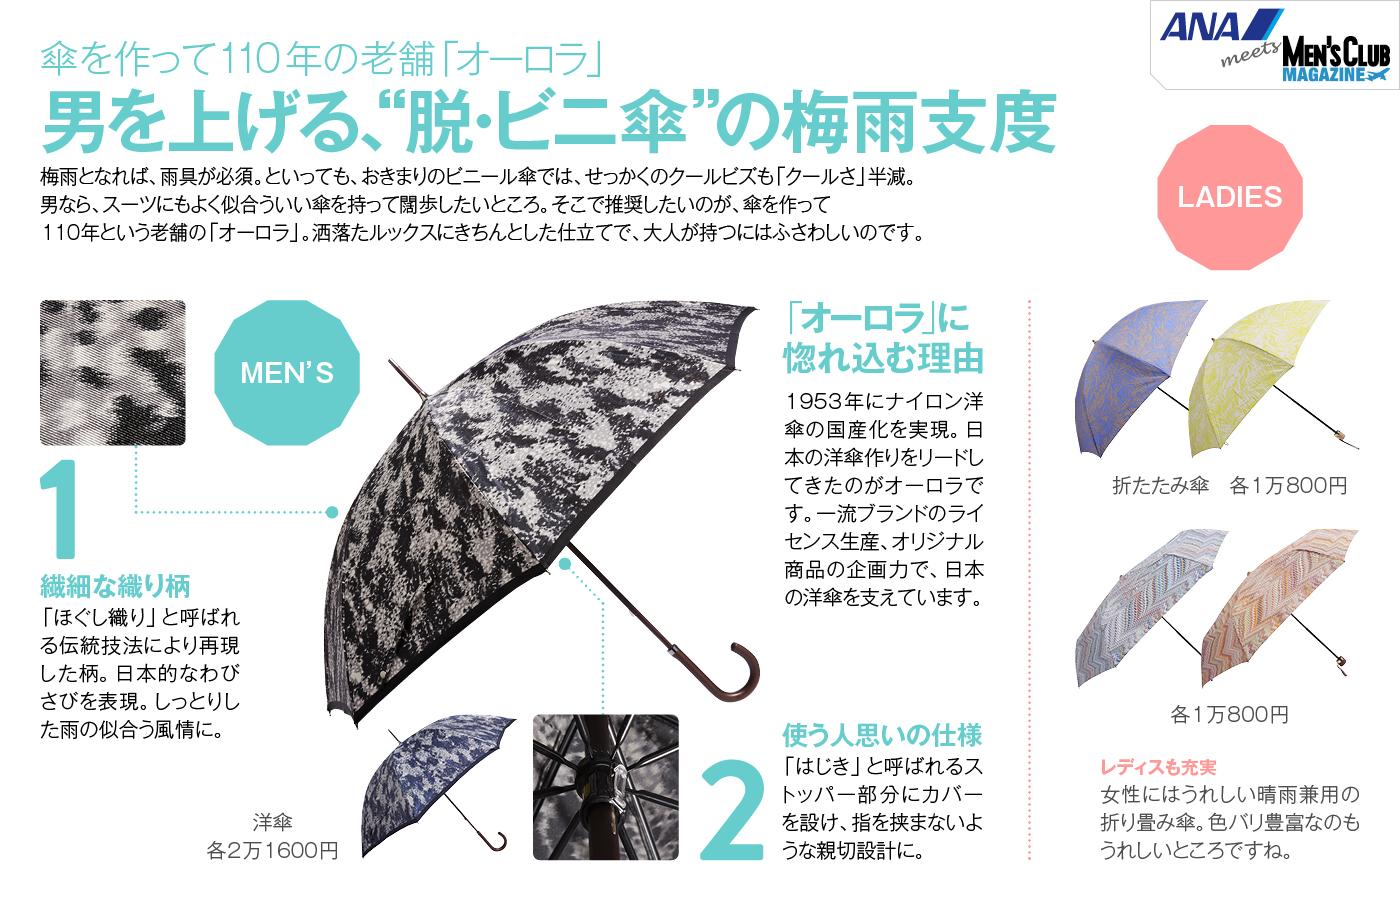 """男を上げる""""脱・ビニ傘""""の梅雨支度"""